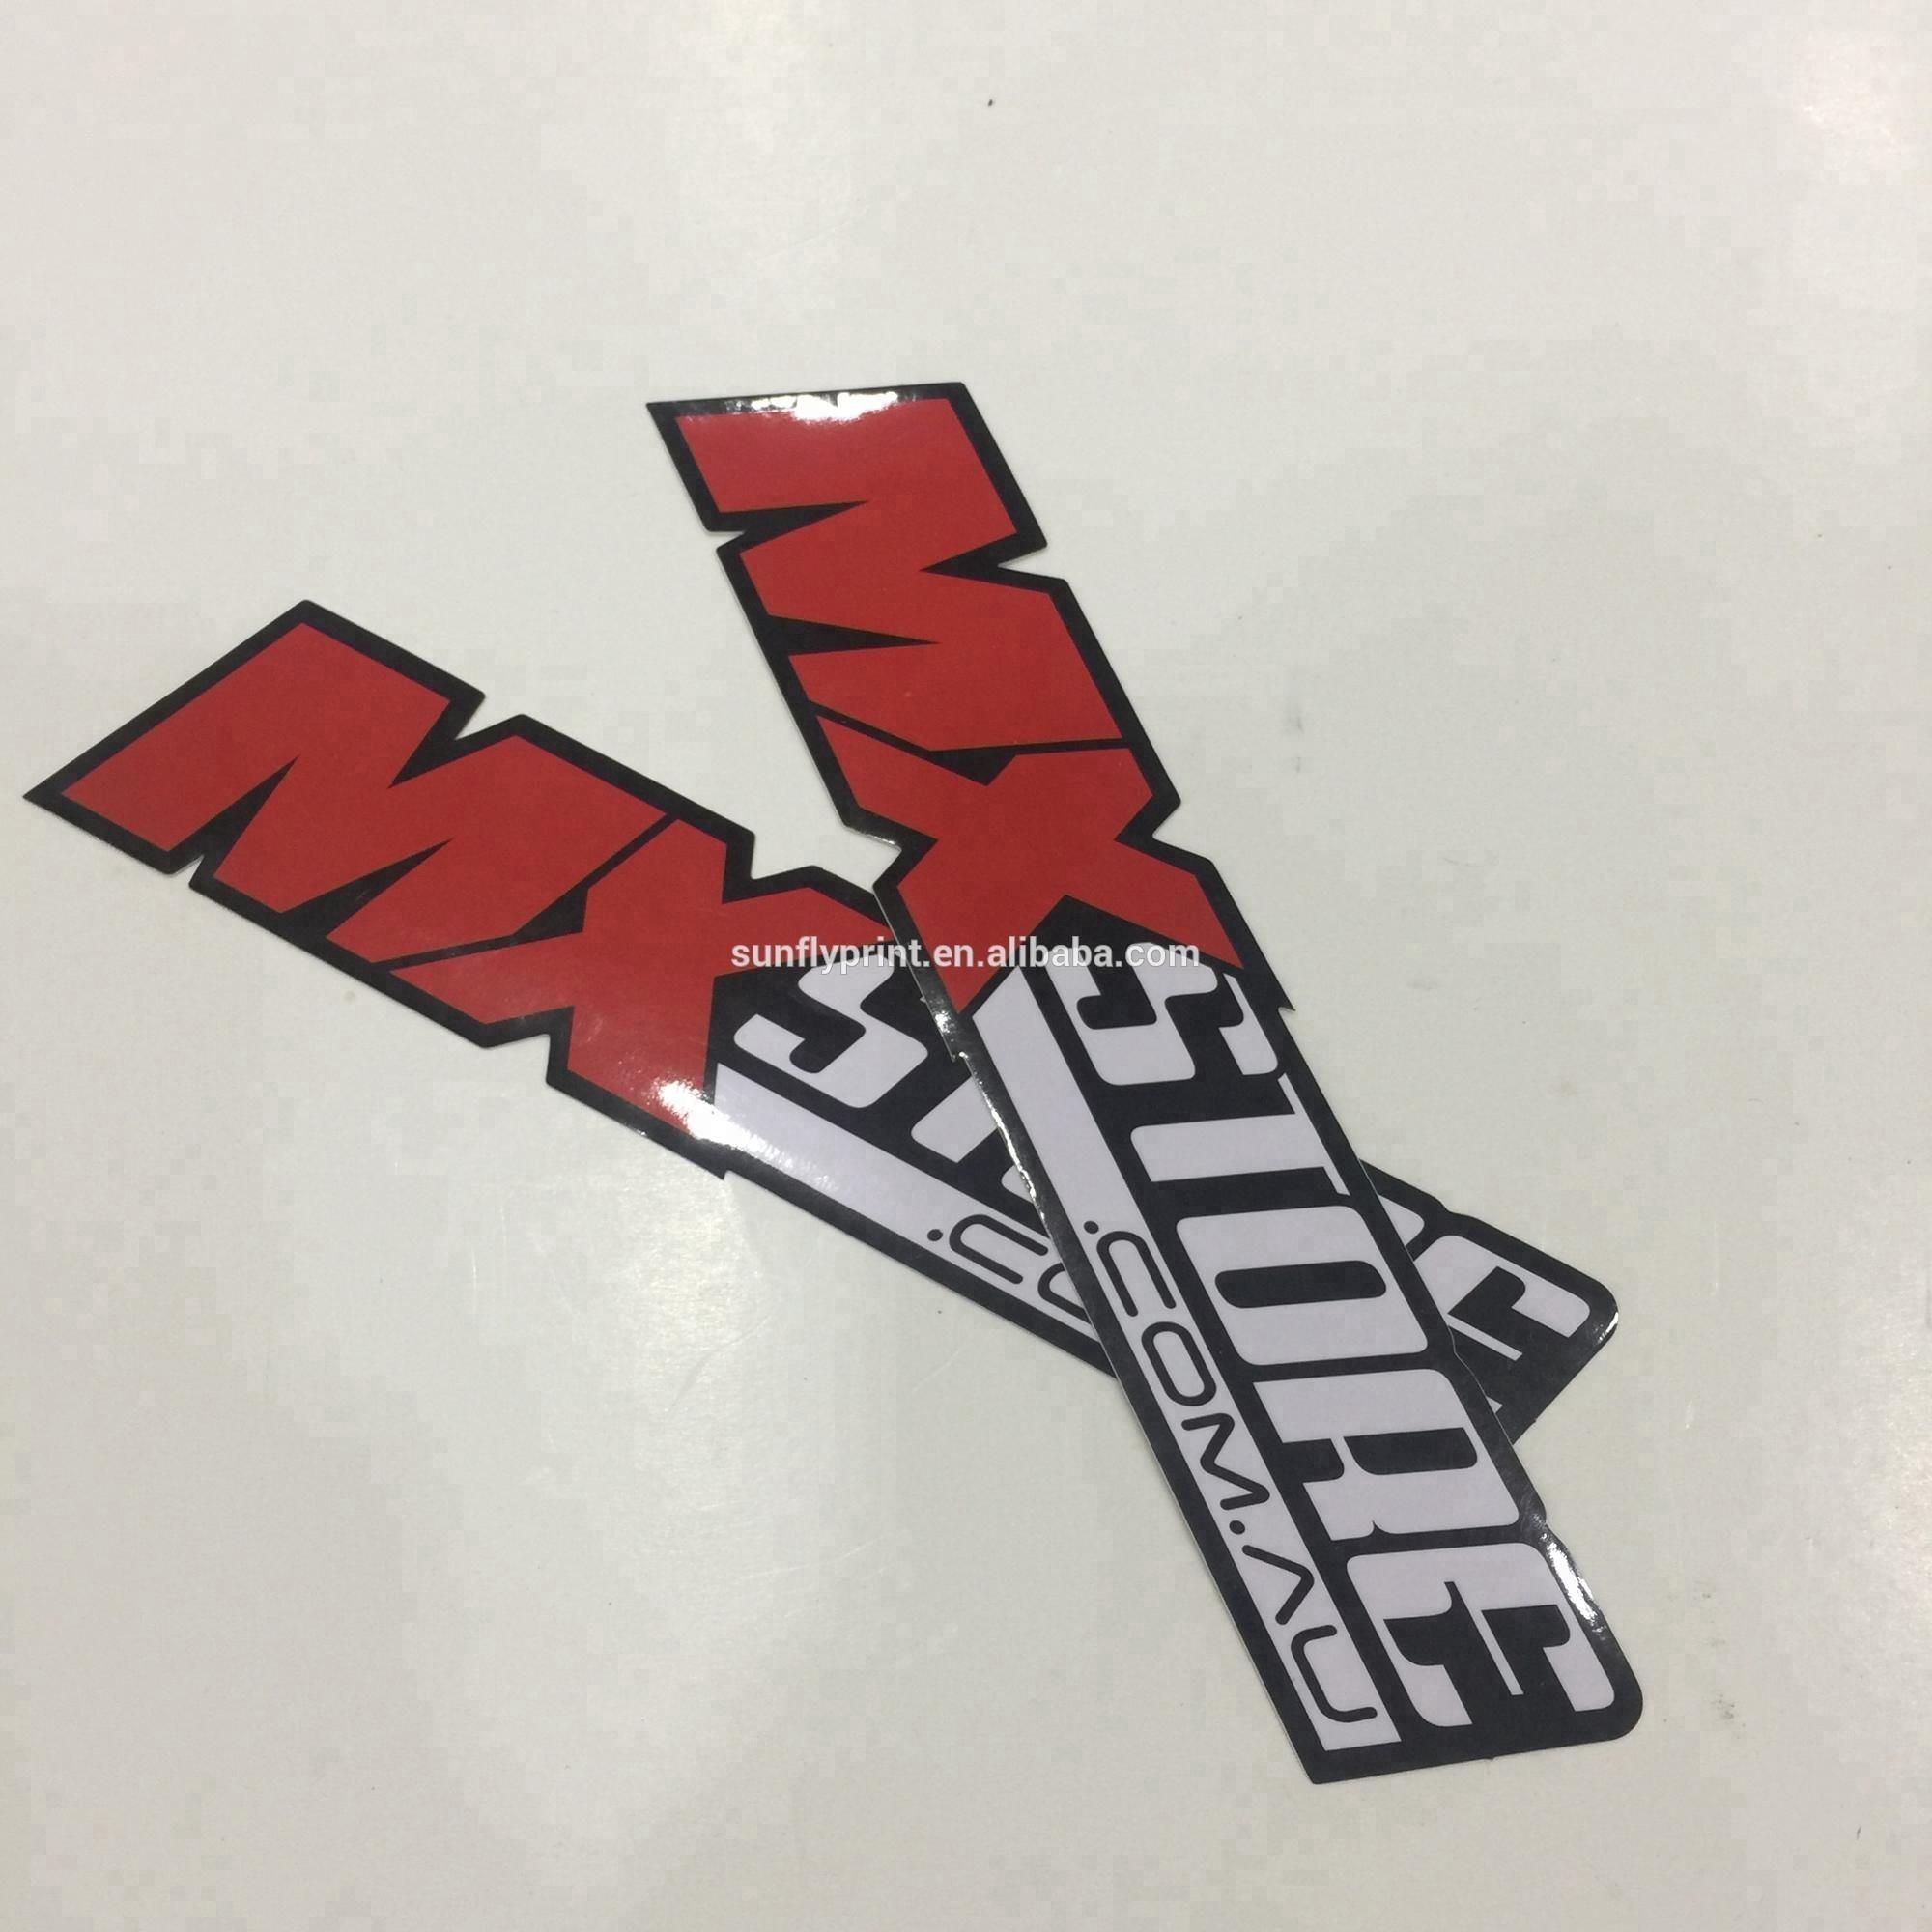 Promotional custom printed waterproof vinyl die cut sticker for decoration